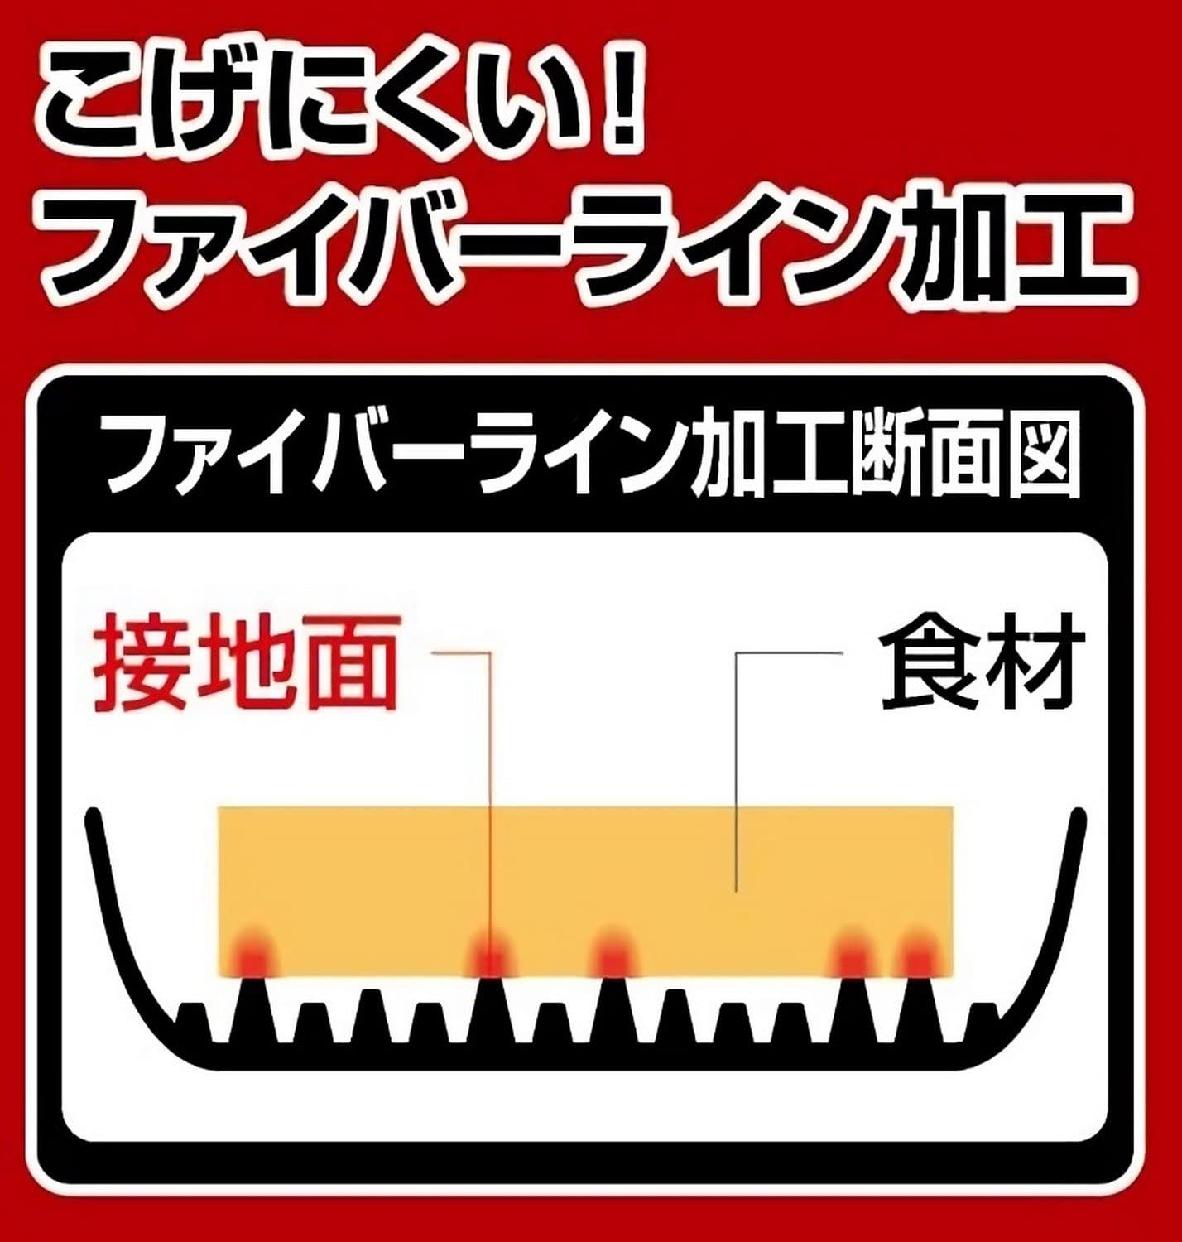 CAPTAIN STAG(キャプテンスタッグ) ファイバーライン スキレット20cm UG-3011の商品画像4